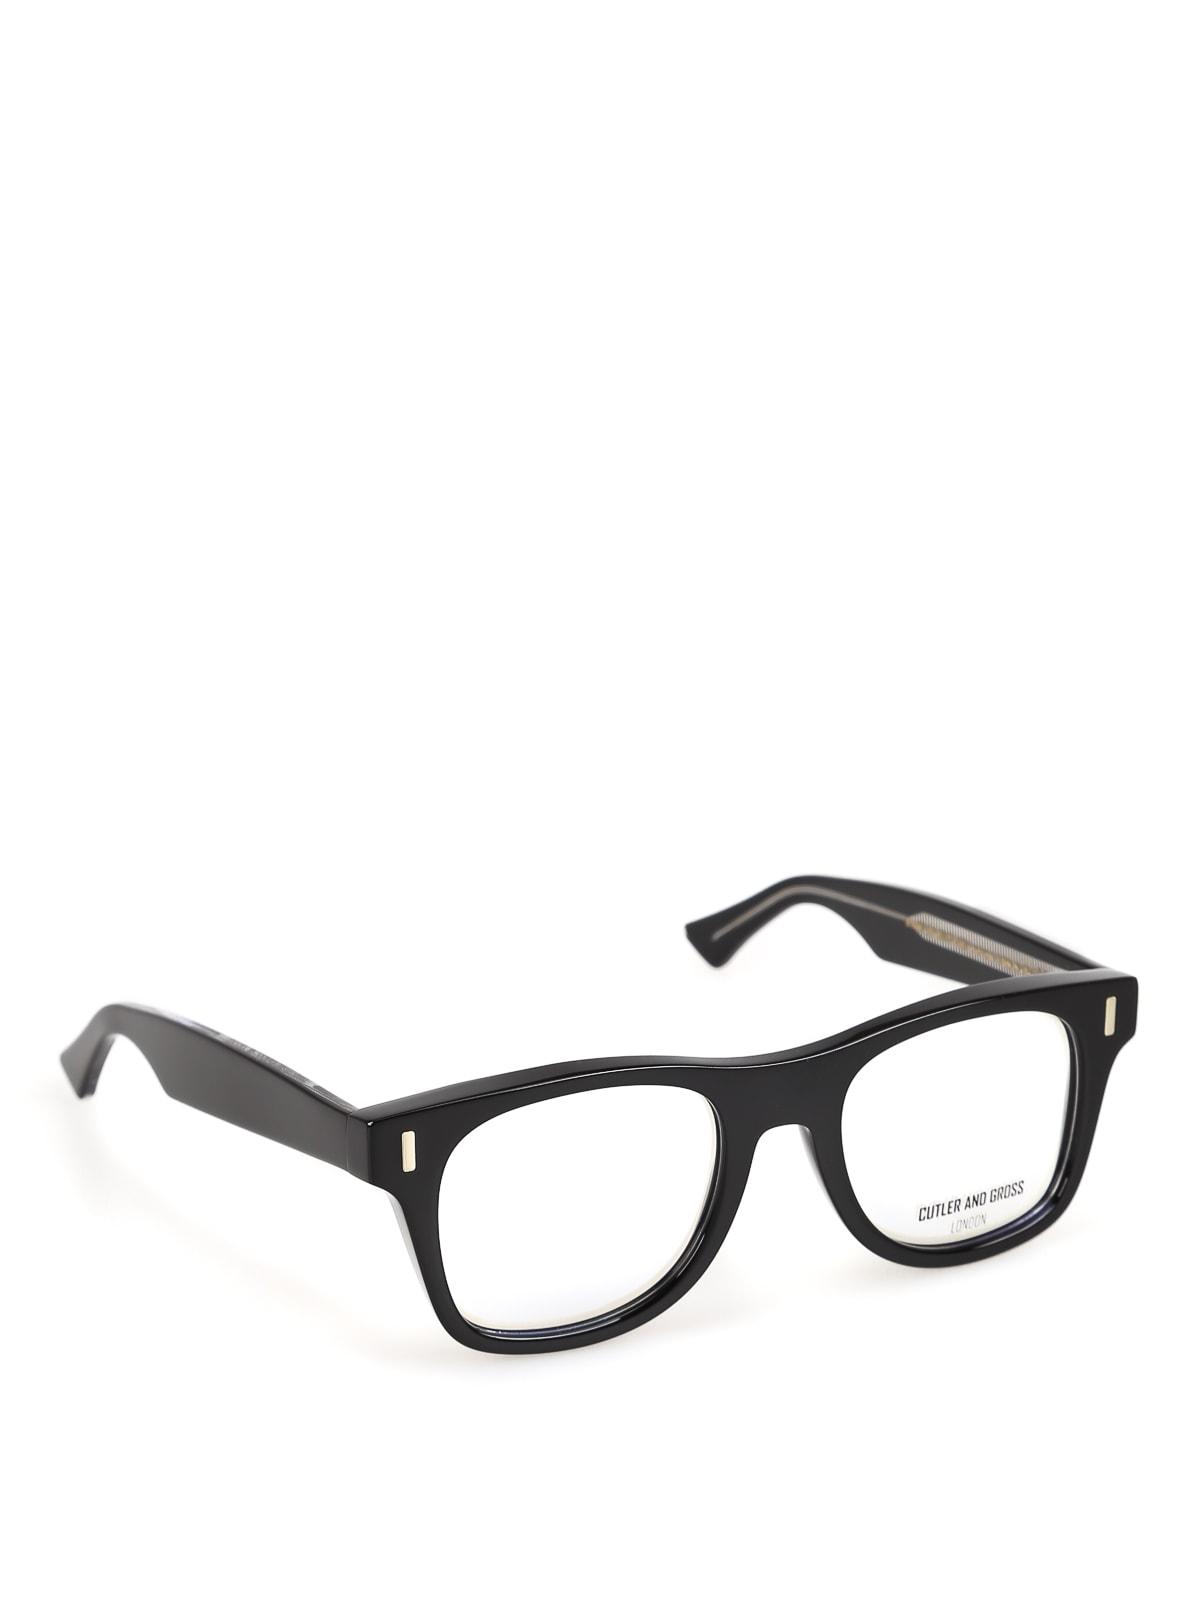 1339 Eyewear